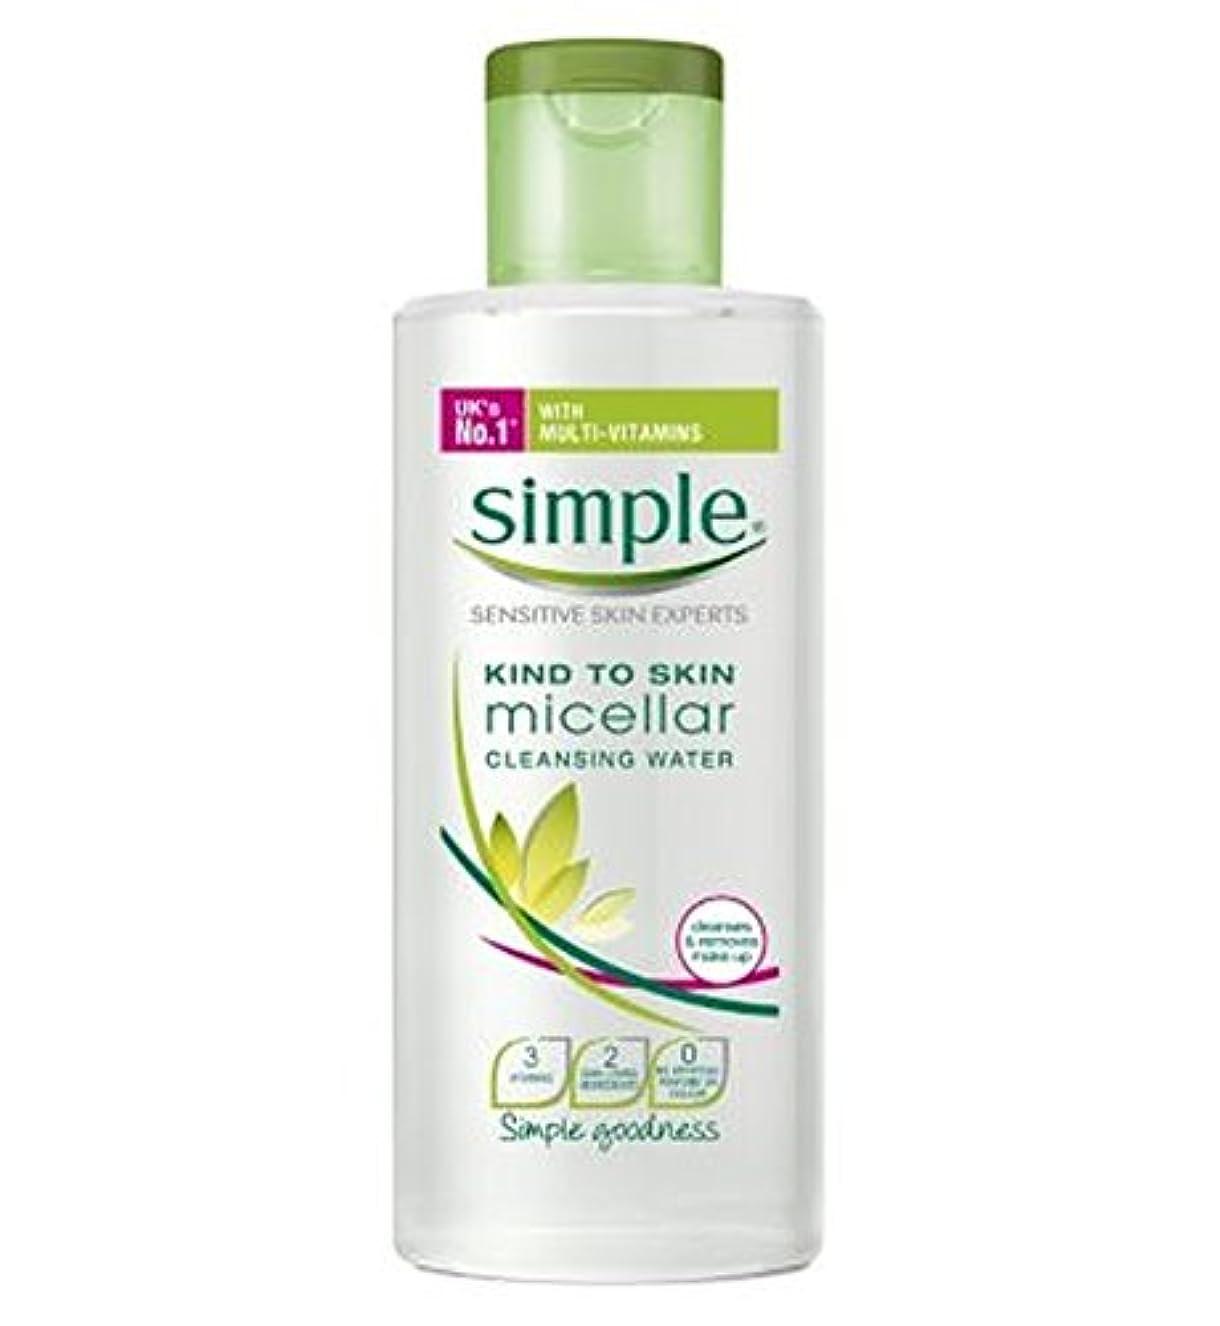 ボクシング実質的に火薬Simple Kind To Skin Micellar Cleansing Water 200ml - 皮膚ミセル洗浄水200ミリリットルに簡単な種類 (Simple) [並行輸入品]